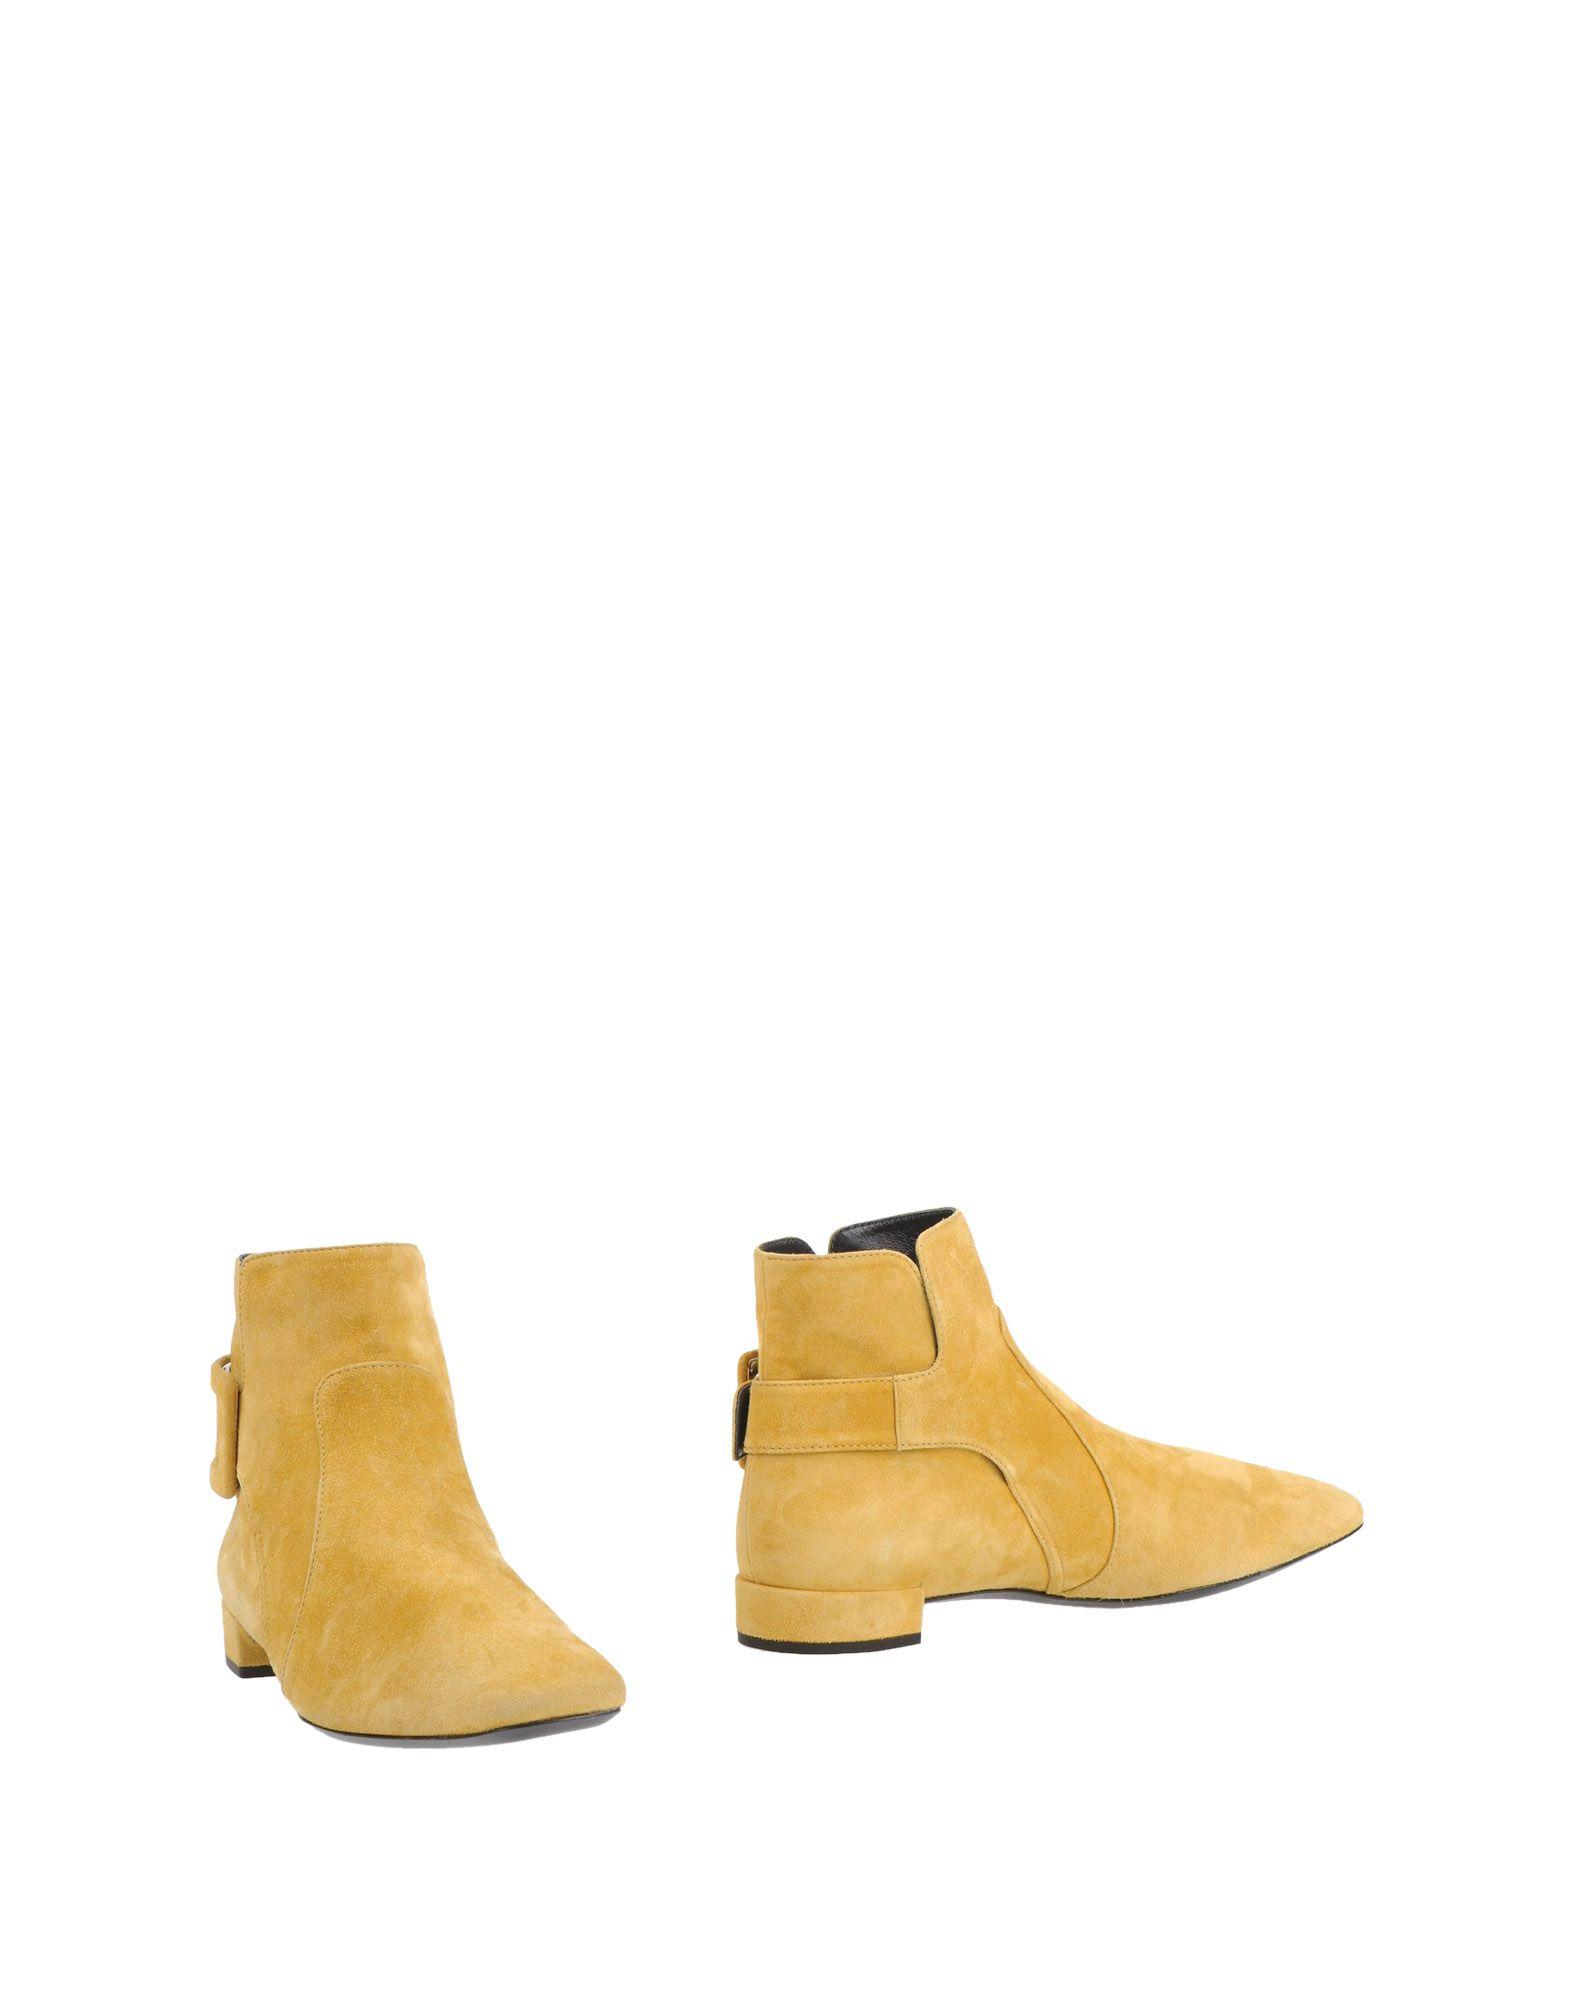 ROGER VIVIER Полусапоги и высокие ботинки roger vivier belle vivier pumps in suede brown [9034] $217 00 professional roger vivier stores rogerviviershop cn